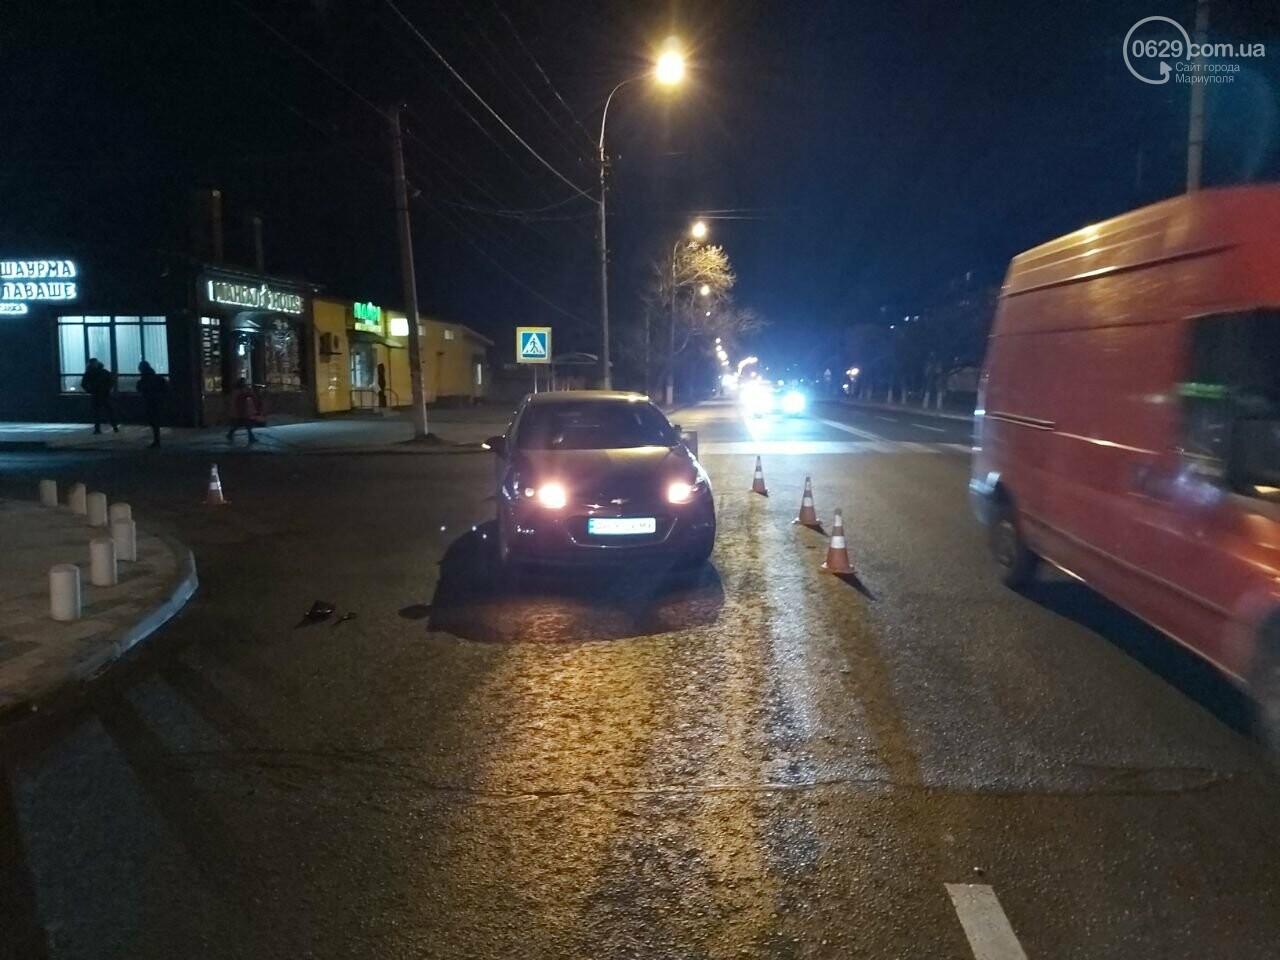 Полиция ищет свидетелей смертельного ДТП в Мариуполе, - ФОТО, фото-1